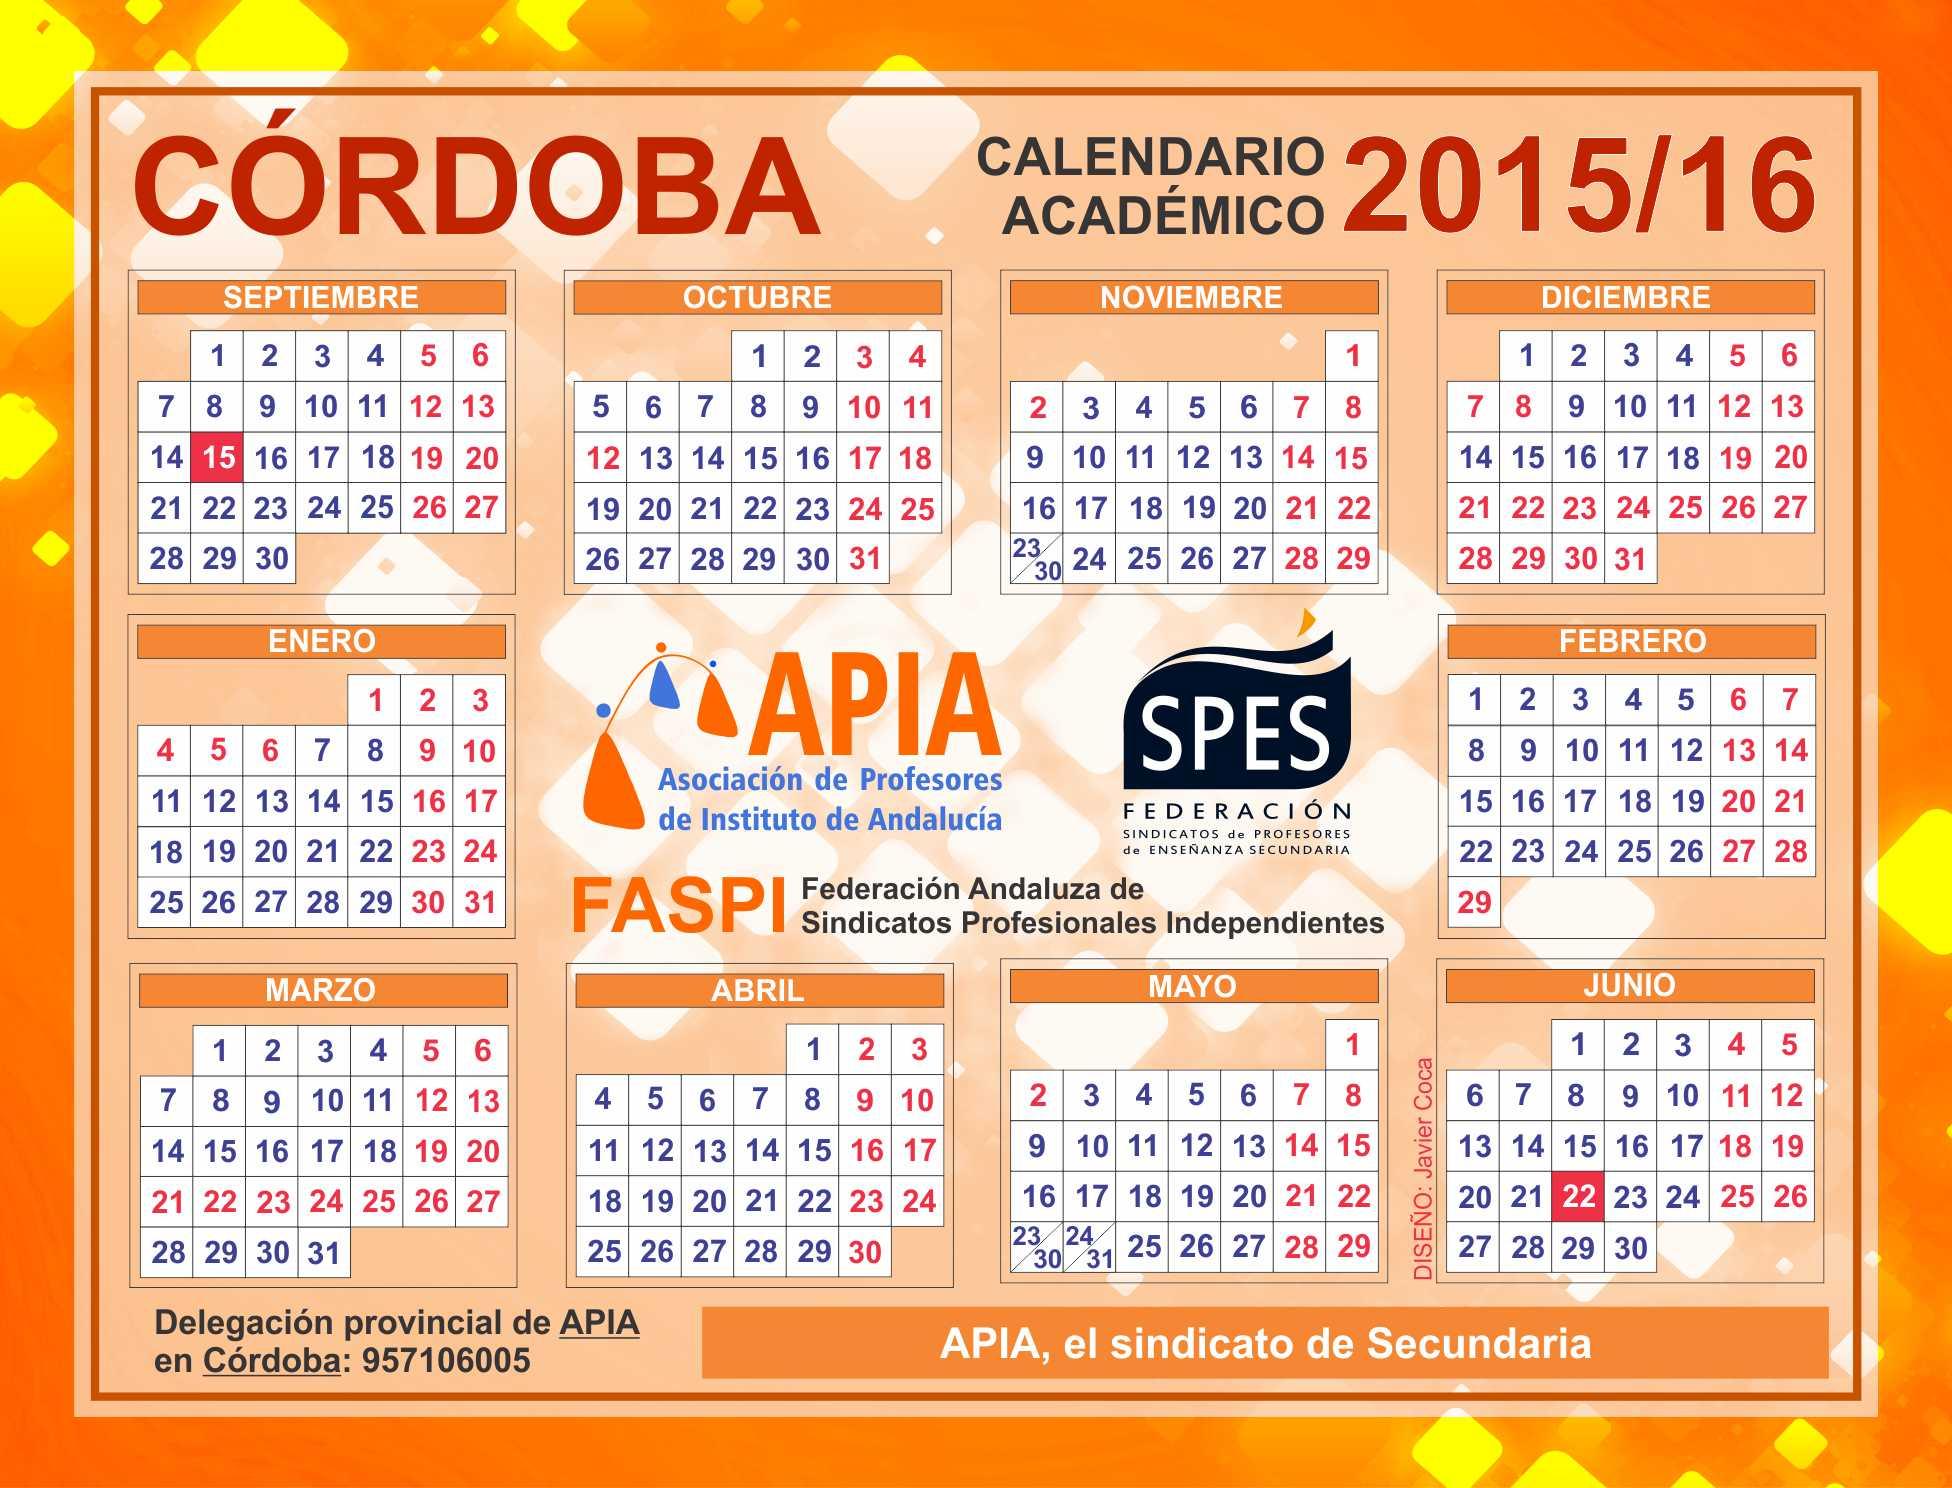 Calendario Escolar Huelva.Calendarios Escolares 2015 2016 Asociacion Apia